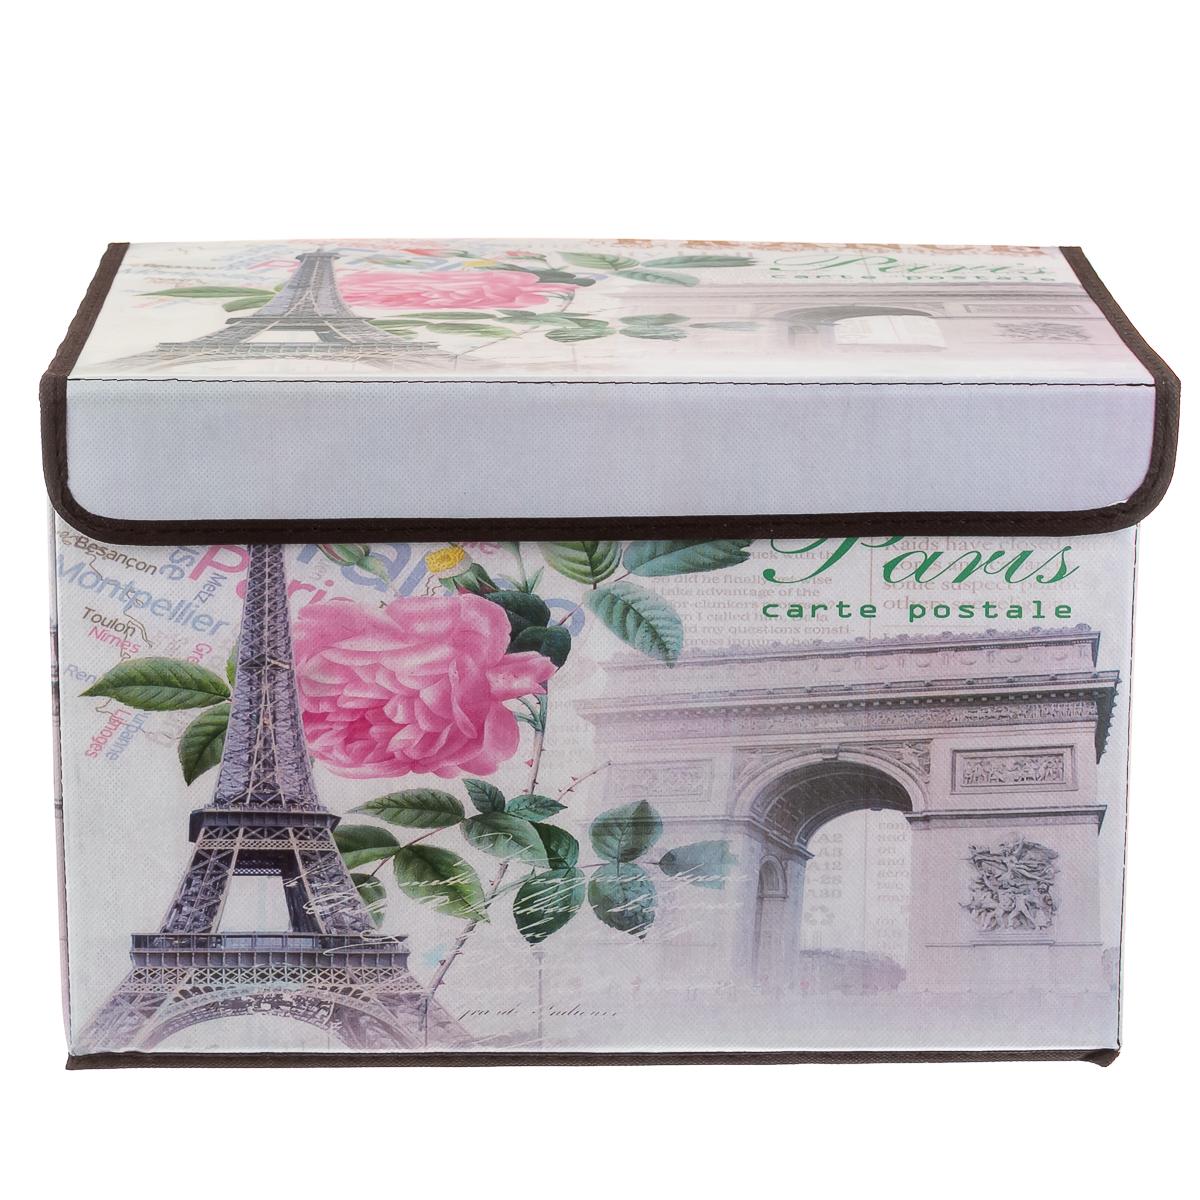 Коробка для хранения вещей большая, принт Париж.